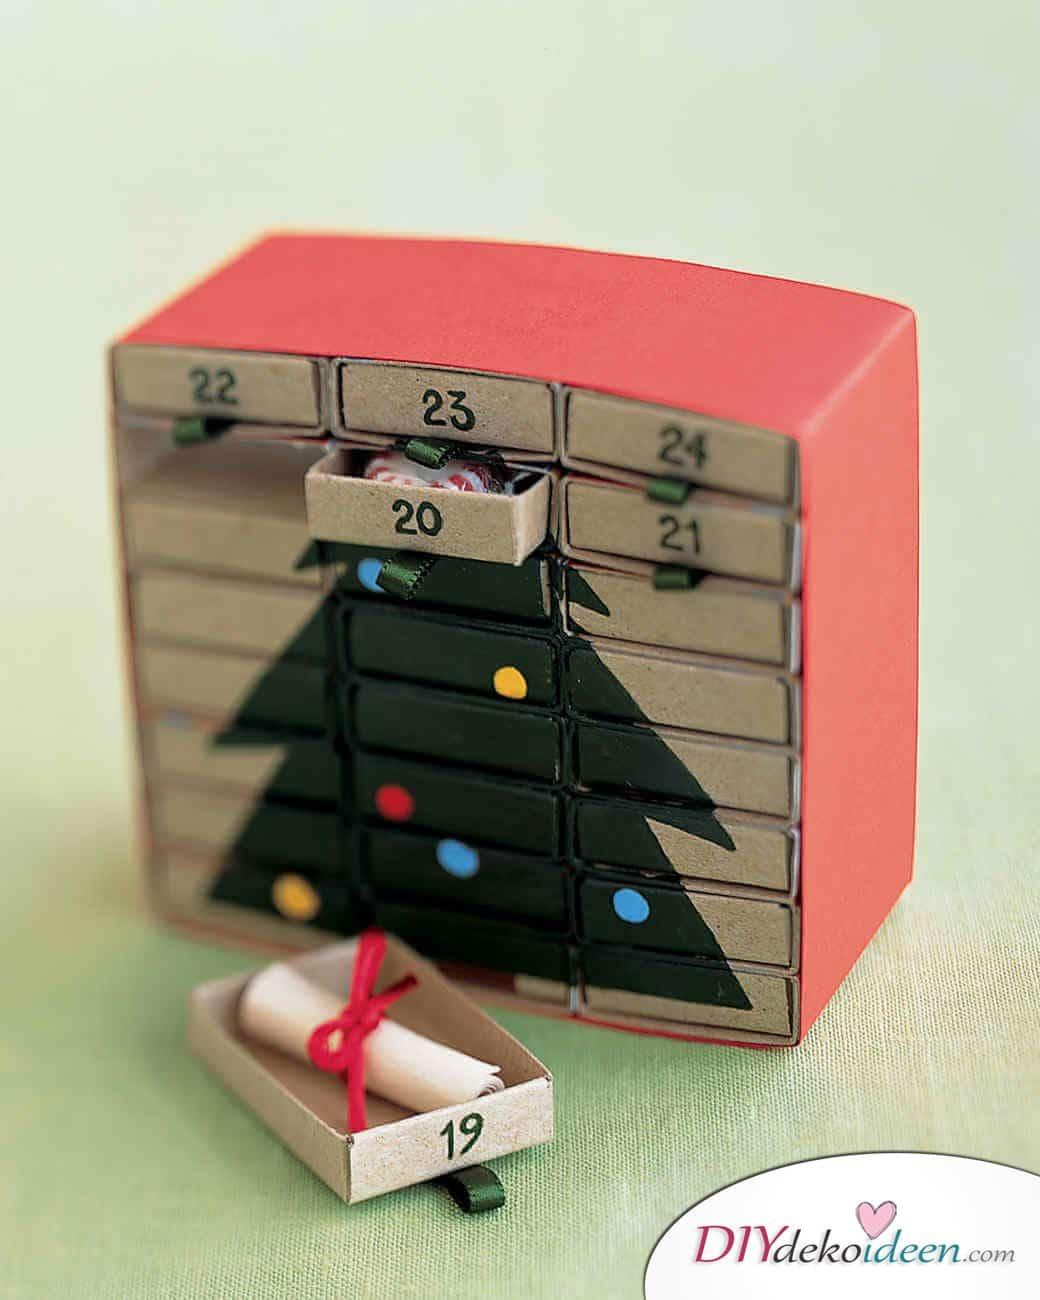 Weihnachtsbasteln mit Kindern - 15 Ideen - basteln mit Kindern - Weihnachten Bastelideen - Adventskalender basteln mit Streichholzschachteln